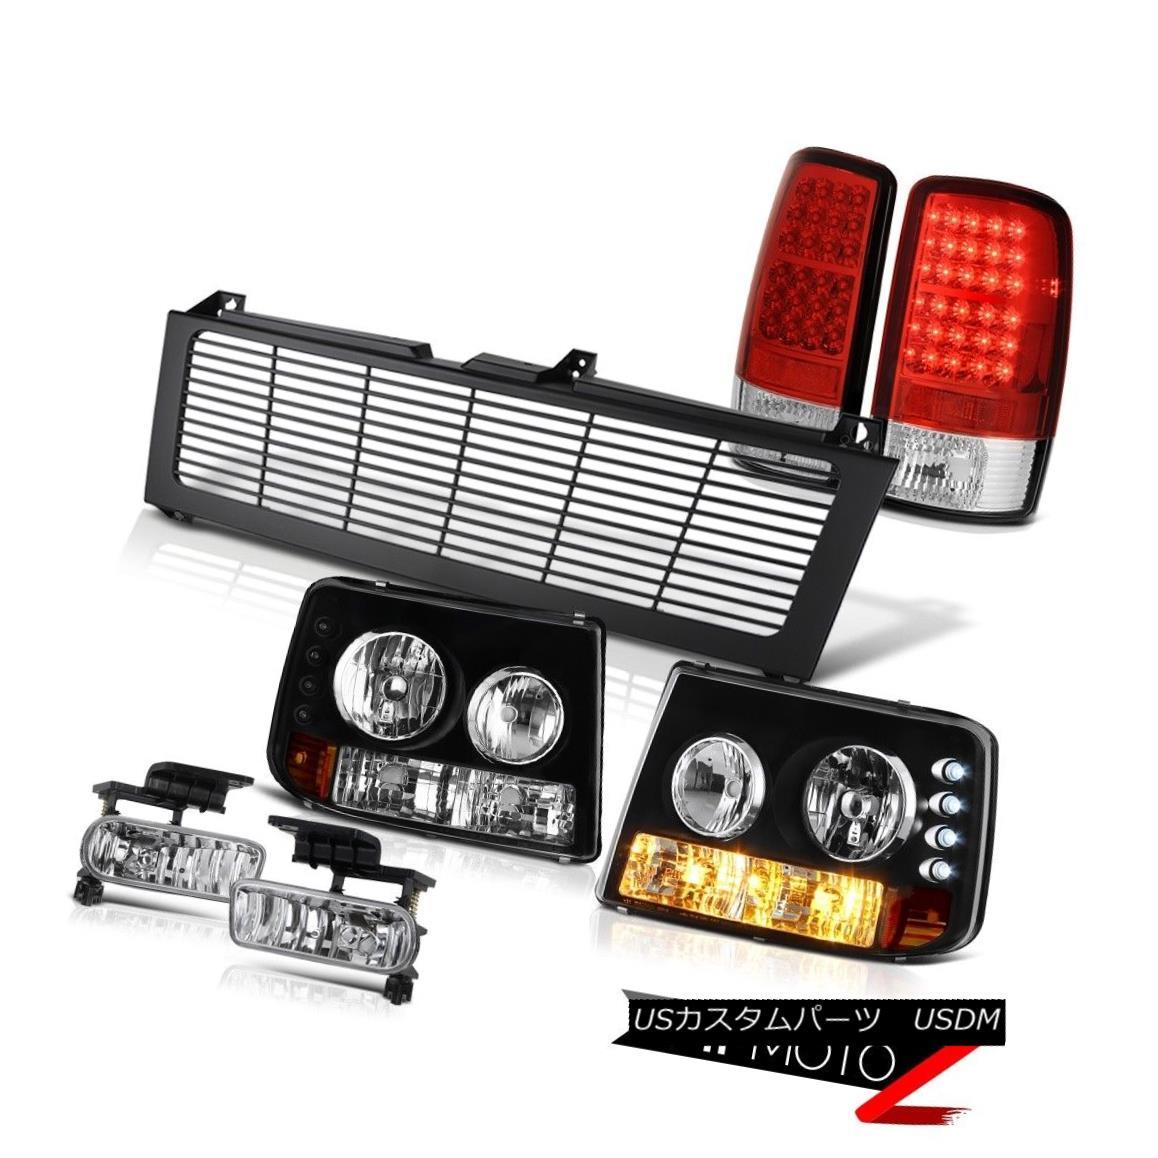 テールライト 00-06 Suburban 5.7L Bumper+Headlamps Red LED Tail Lights Euro Fog Black Grille 00-06郊外5.7Lバンパー+ヘッドラム ps赤色LEDテールライトユーロフォグブラックグリル